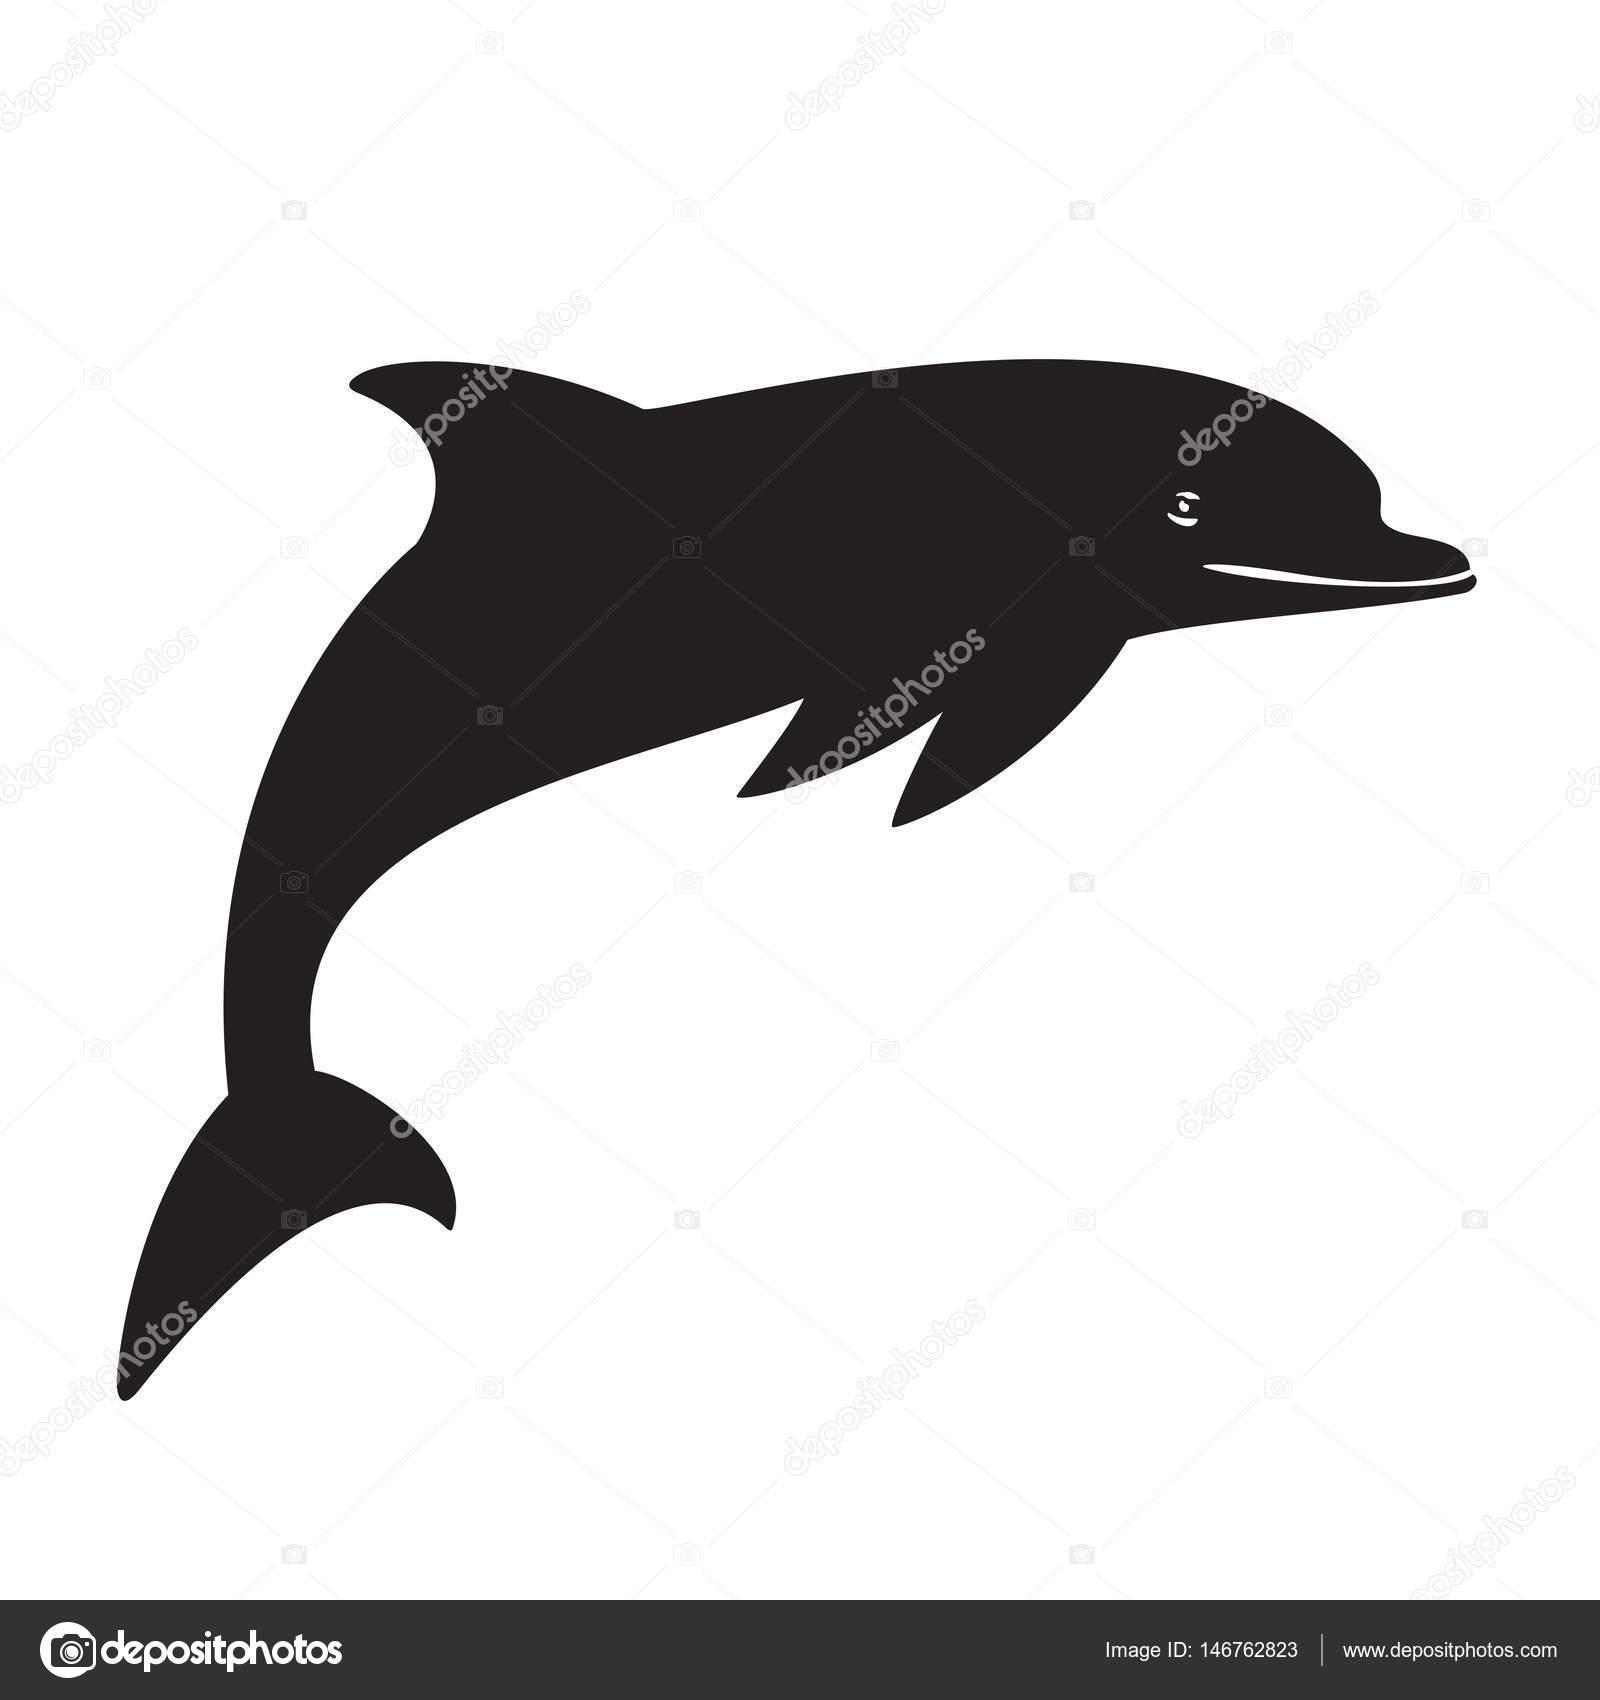 golfinho de silhueta no preto fundo branco vetores de stock